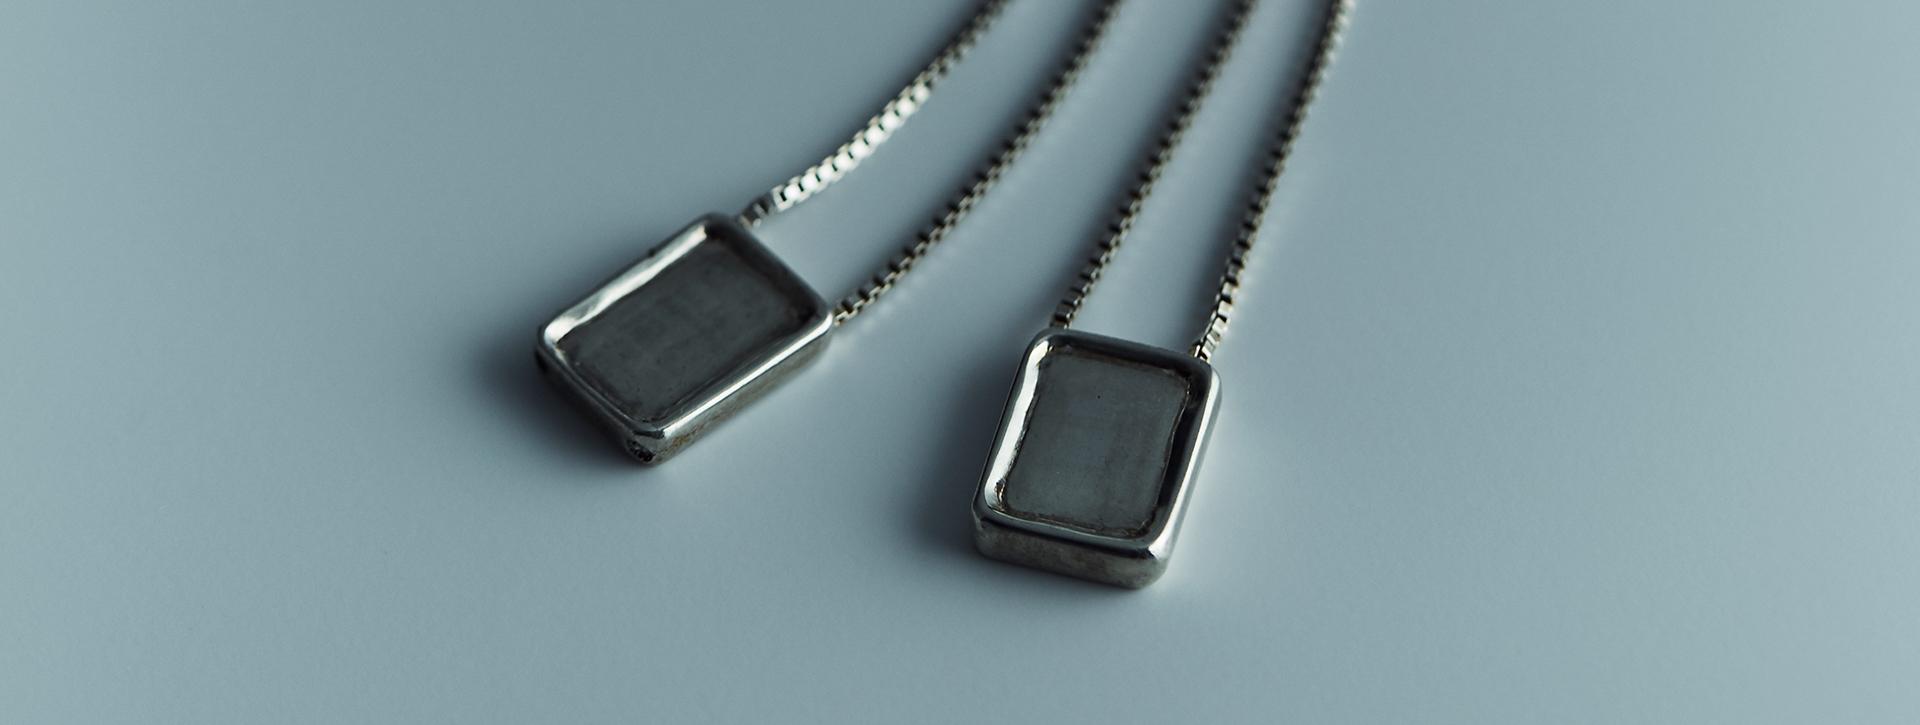 acecapulario necklace M